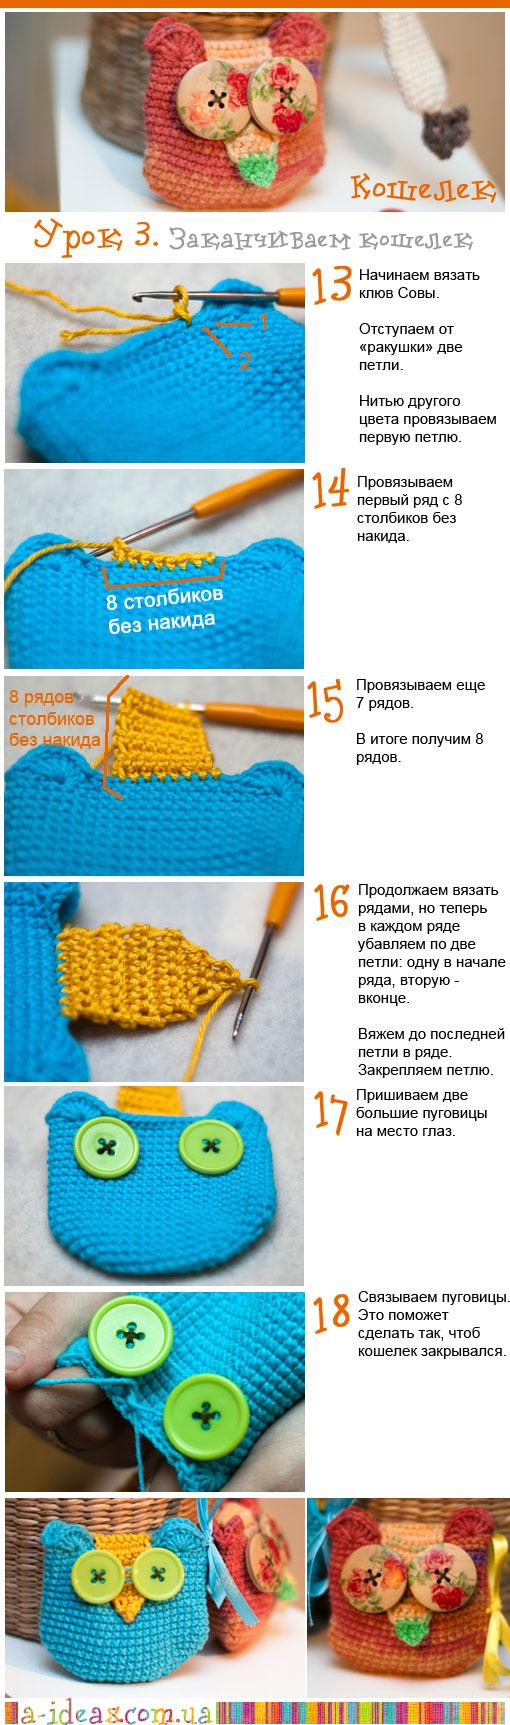 Вязаный крючком кошелек урок 3